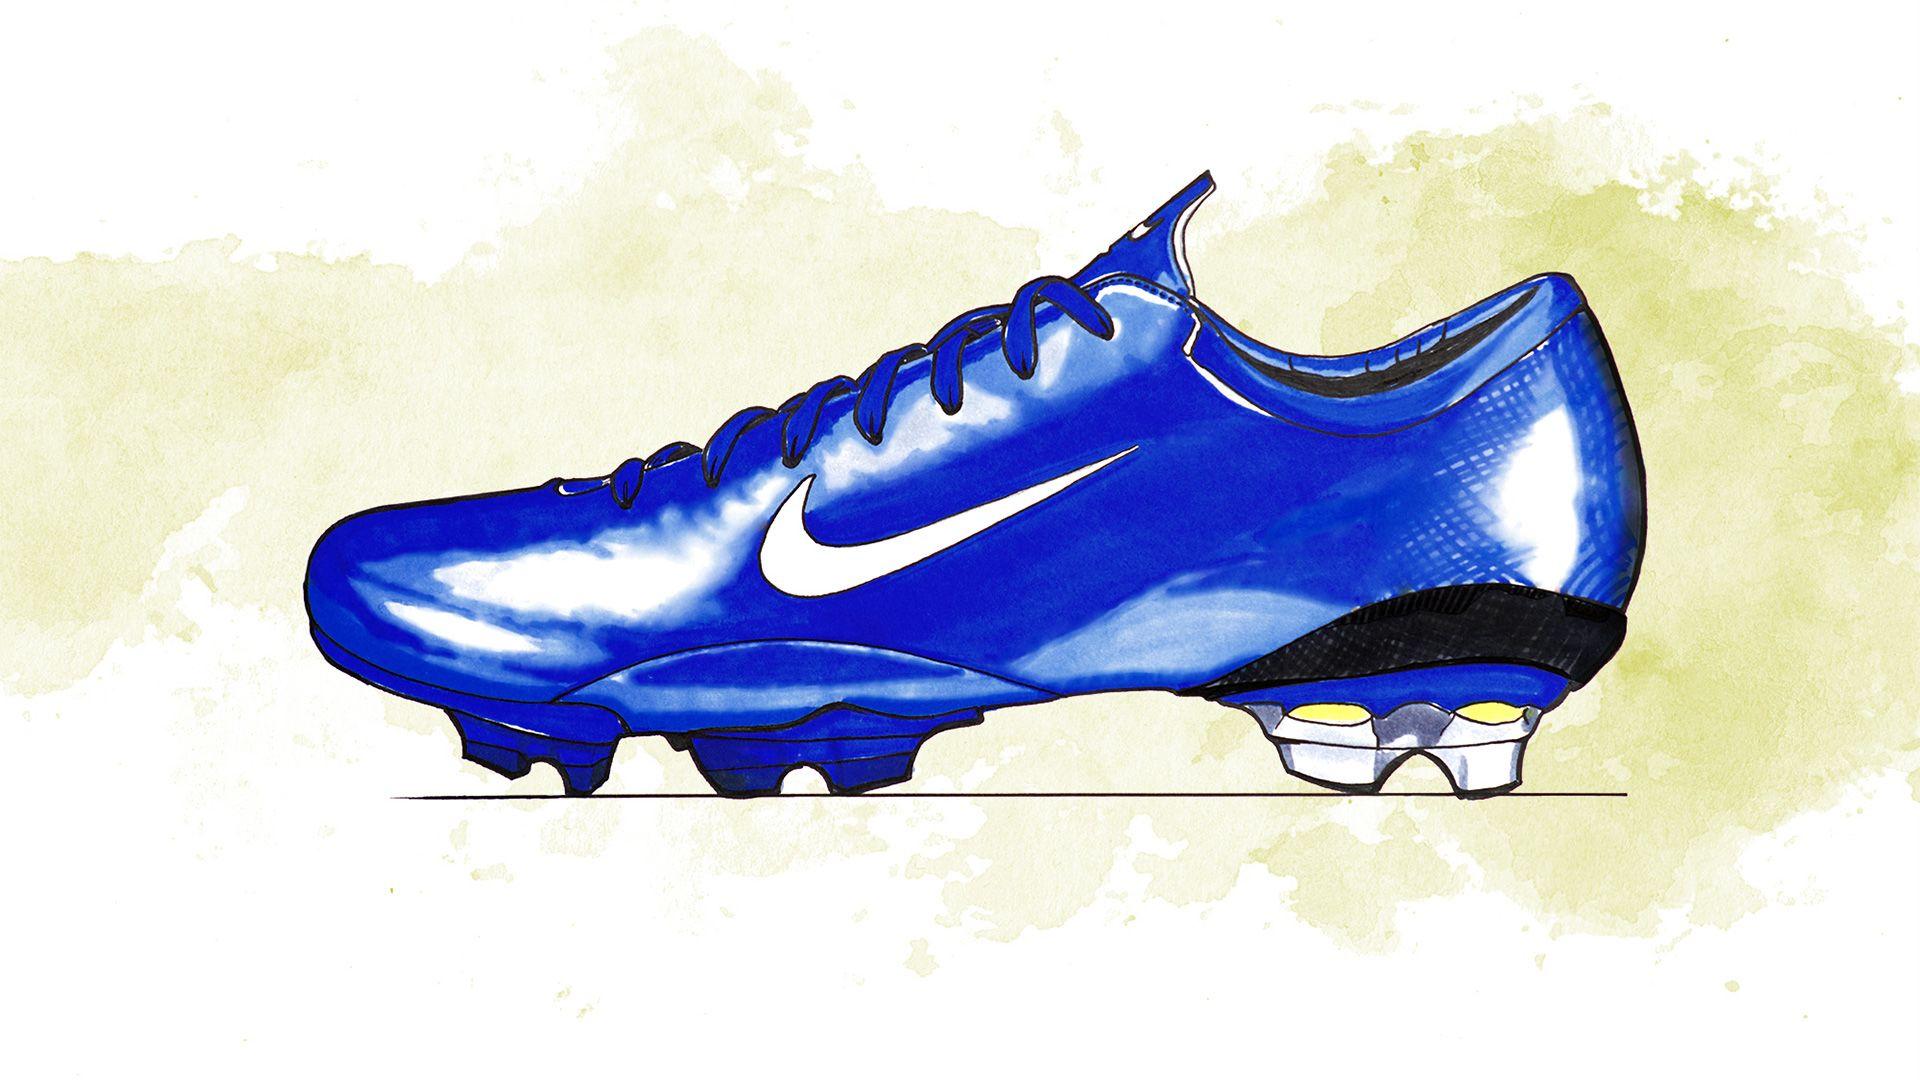 Nike Mercurial 2006